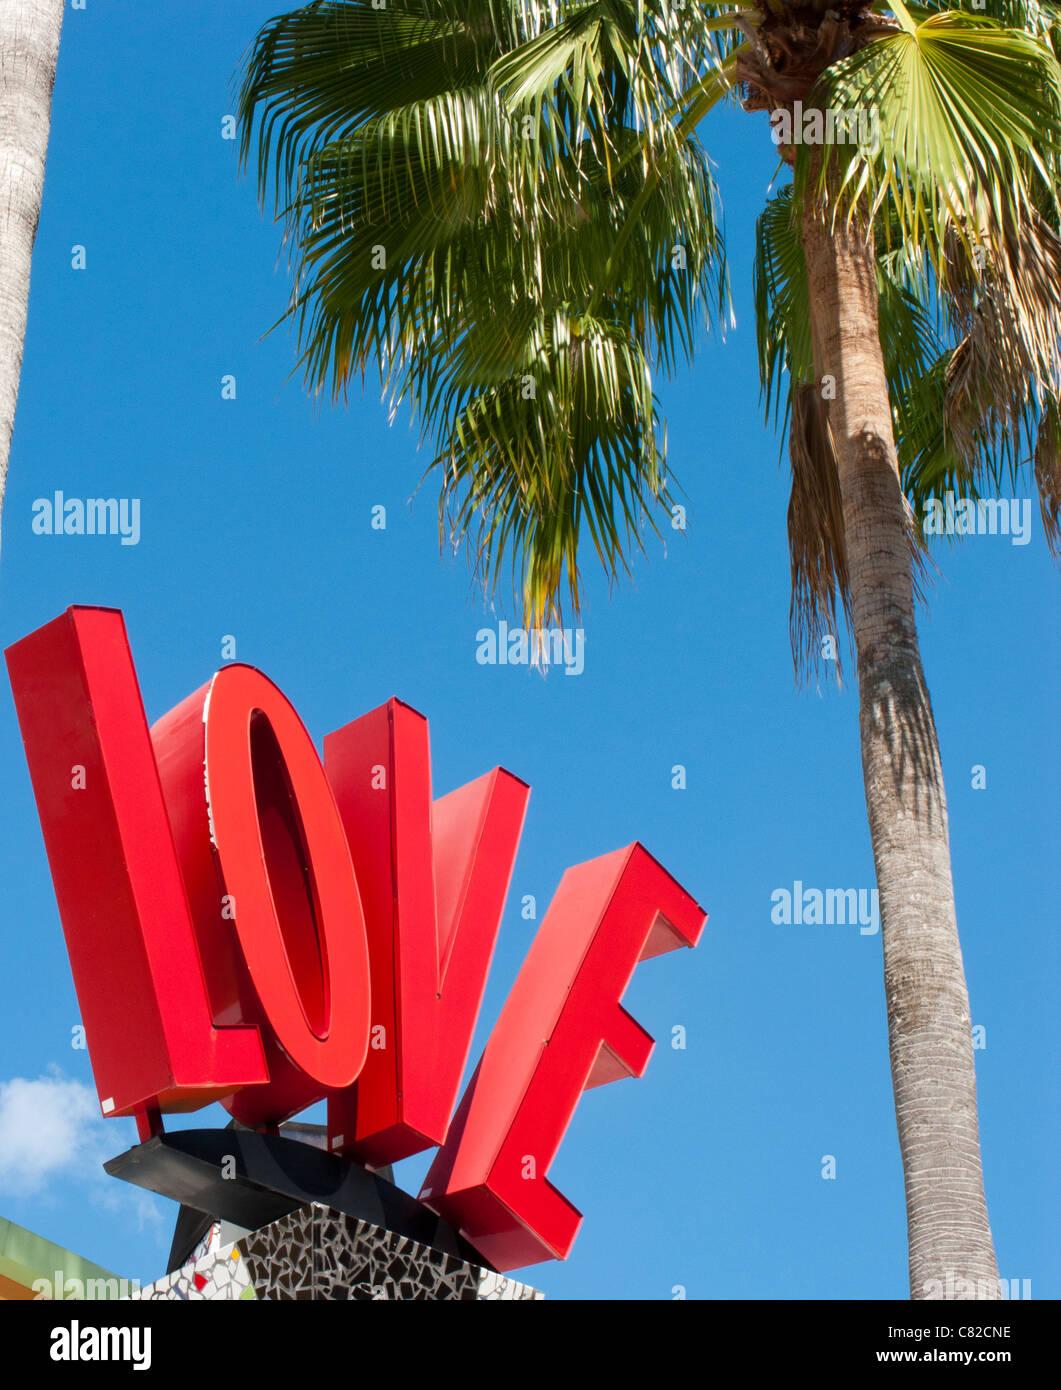 Signe d'AMOUR ET DE PALMIER DANS DOWNTOWN DISNEY ORLANDO FLORIDE Photo Stock